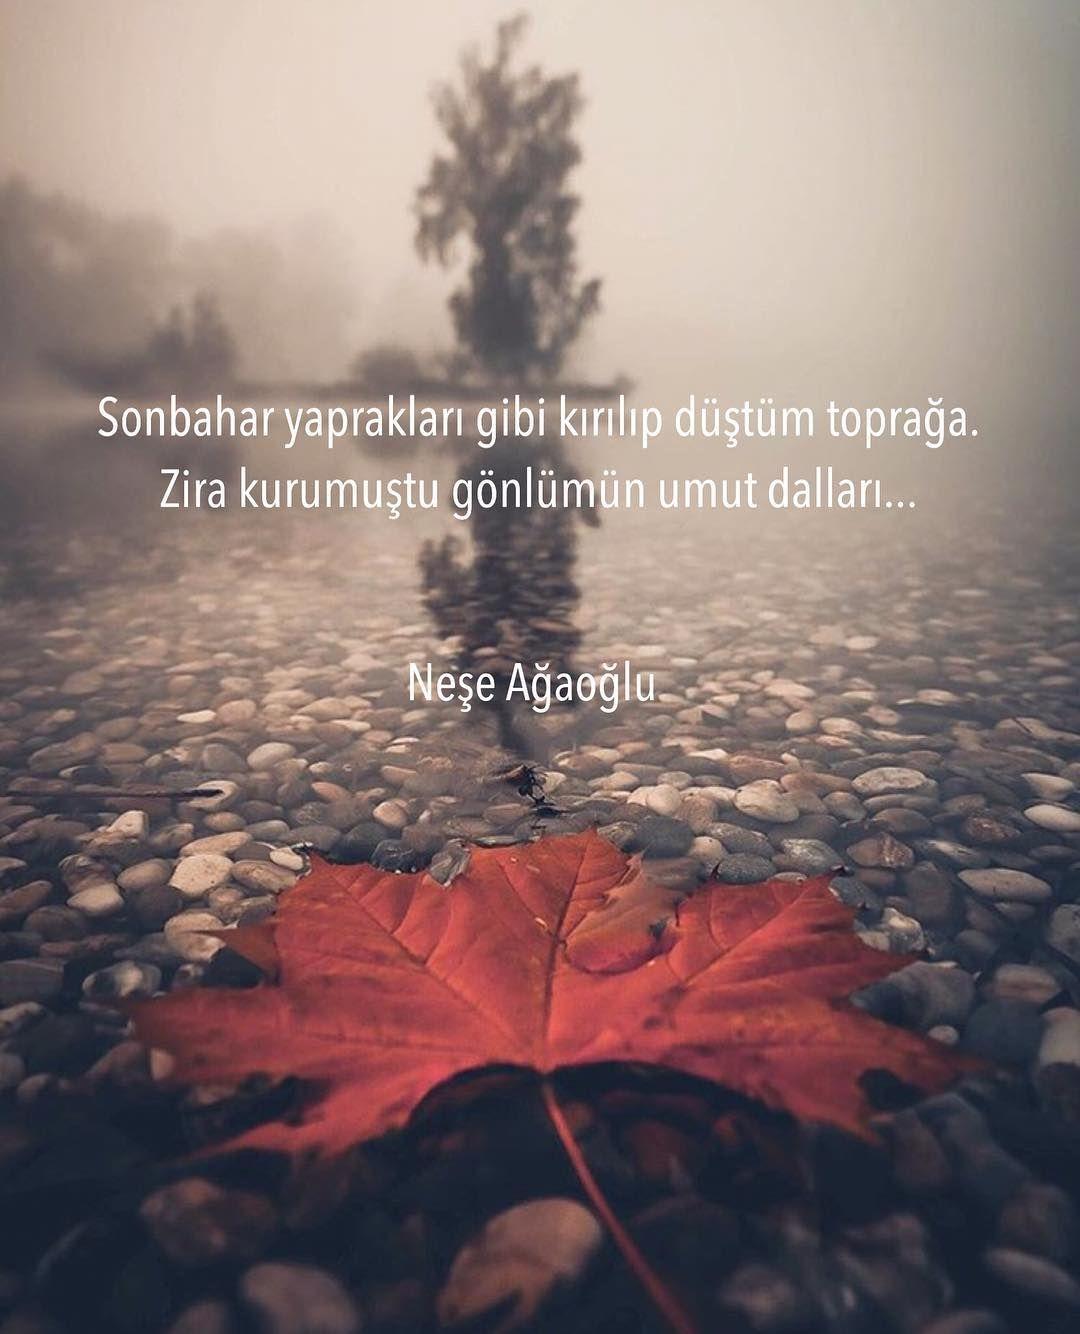 sonbahar yaprakları gibi - Sonbahar İle İlgili Sözler - Resimli Sonbahar Sözleri, resimli-sozler, guzel-sozler